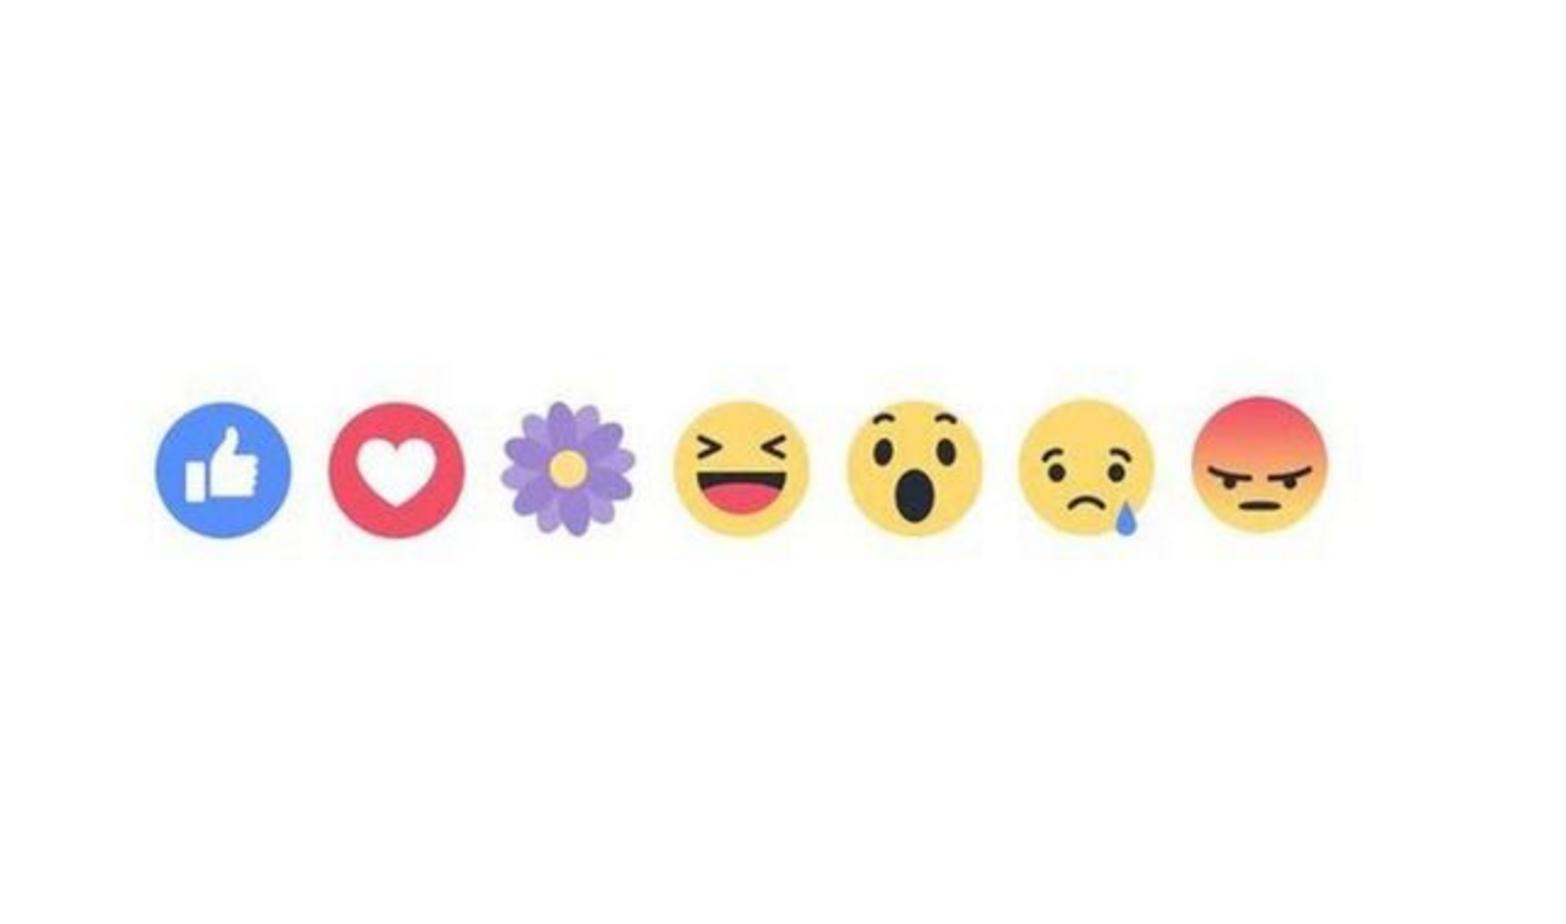 Que Signifie Le Nouvel Emoji Fleur Violette Sur Facebook Influenth